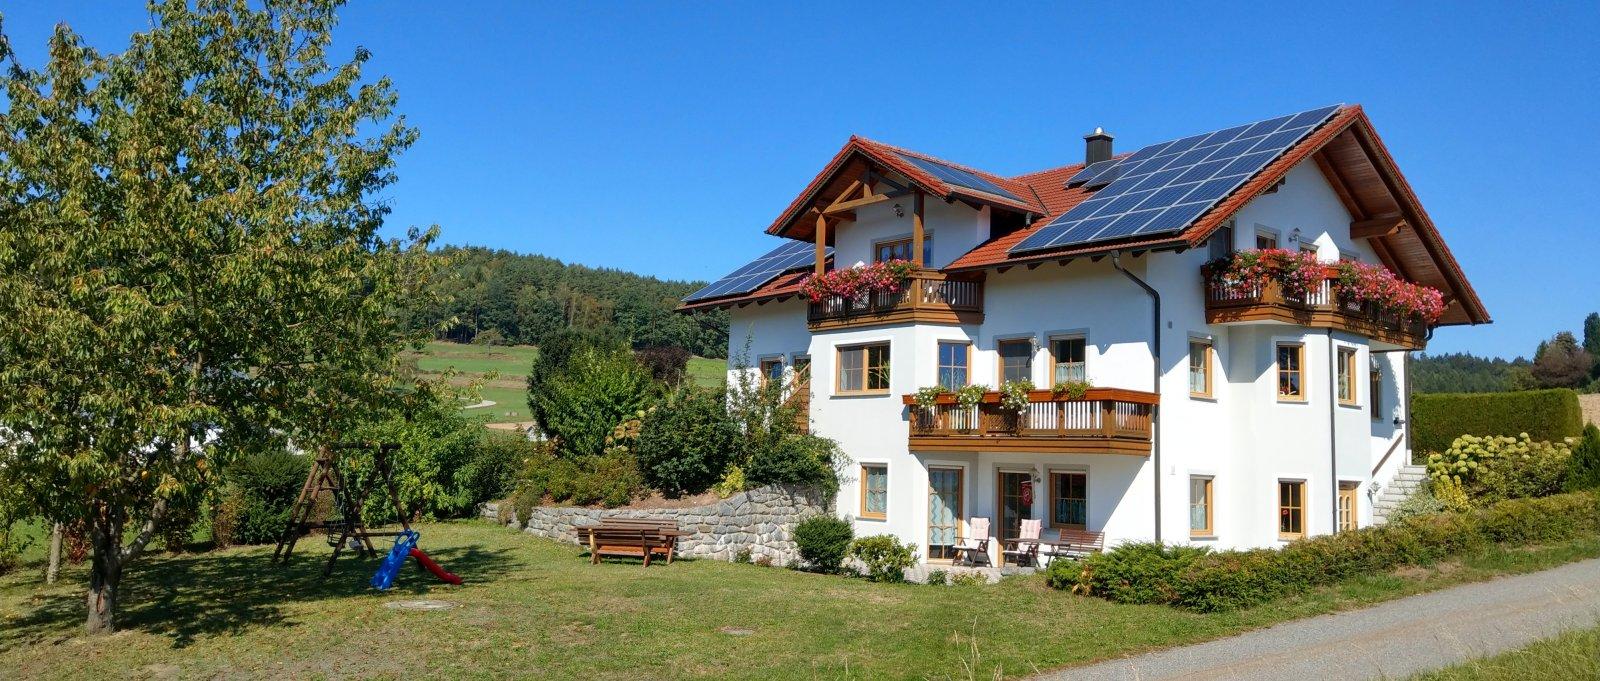 breitbilder-ammerhof-ferienhaus-zandt-bauernhof-cham-oberpfalz-1600